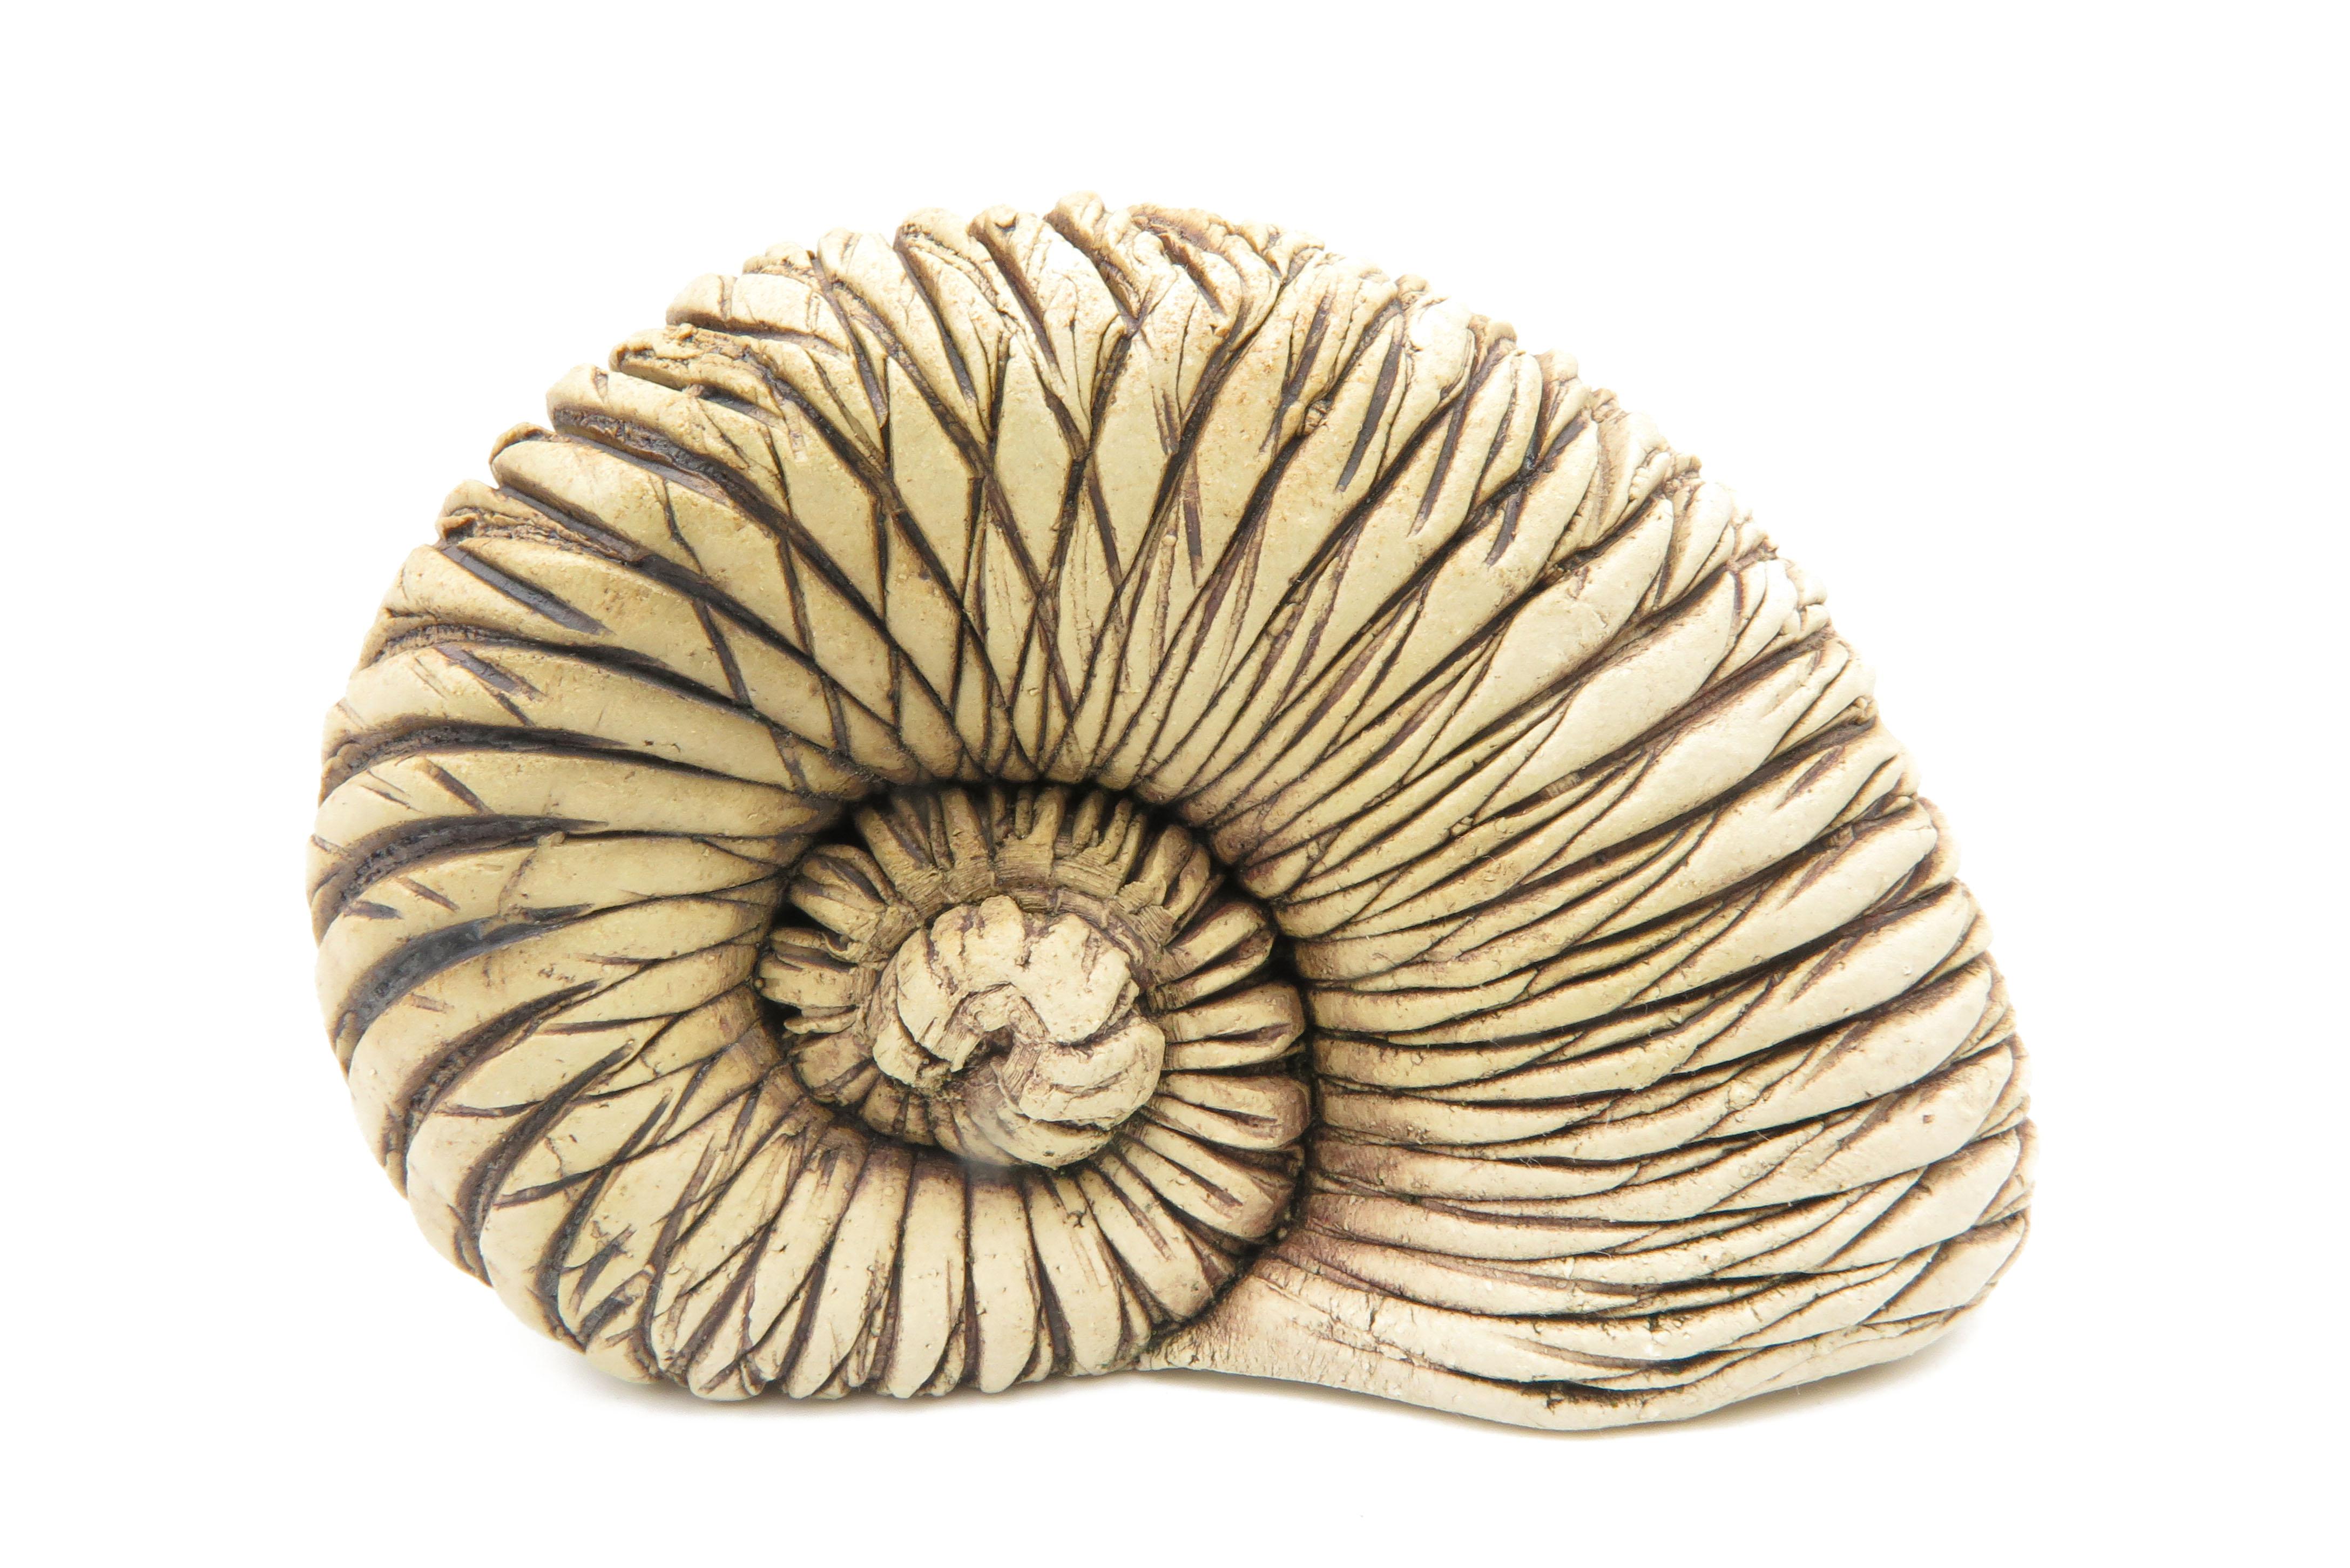 Schnecke ähnlich Ammonit/ XL 13cm